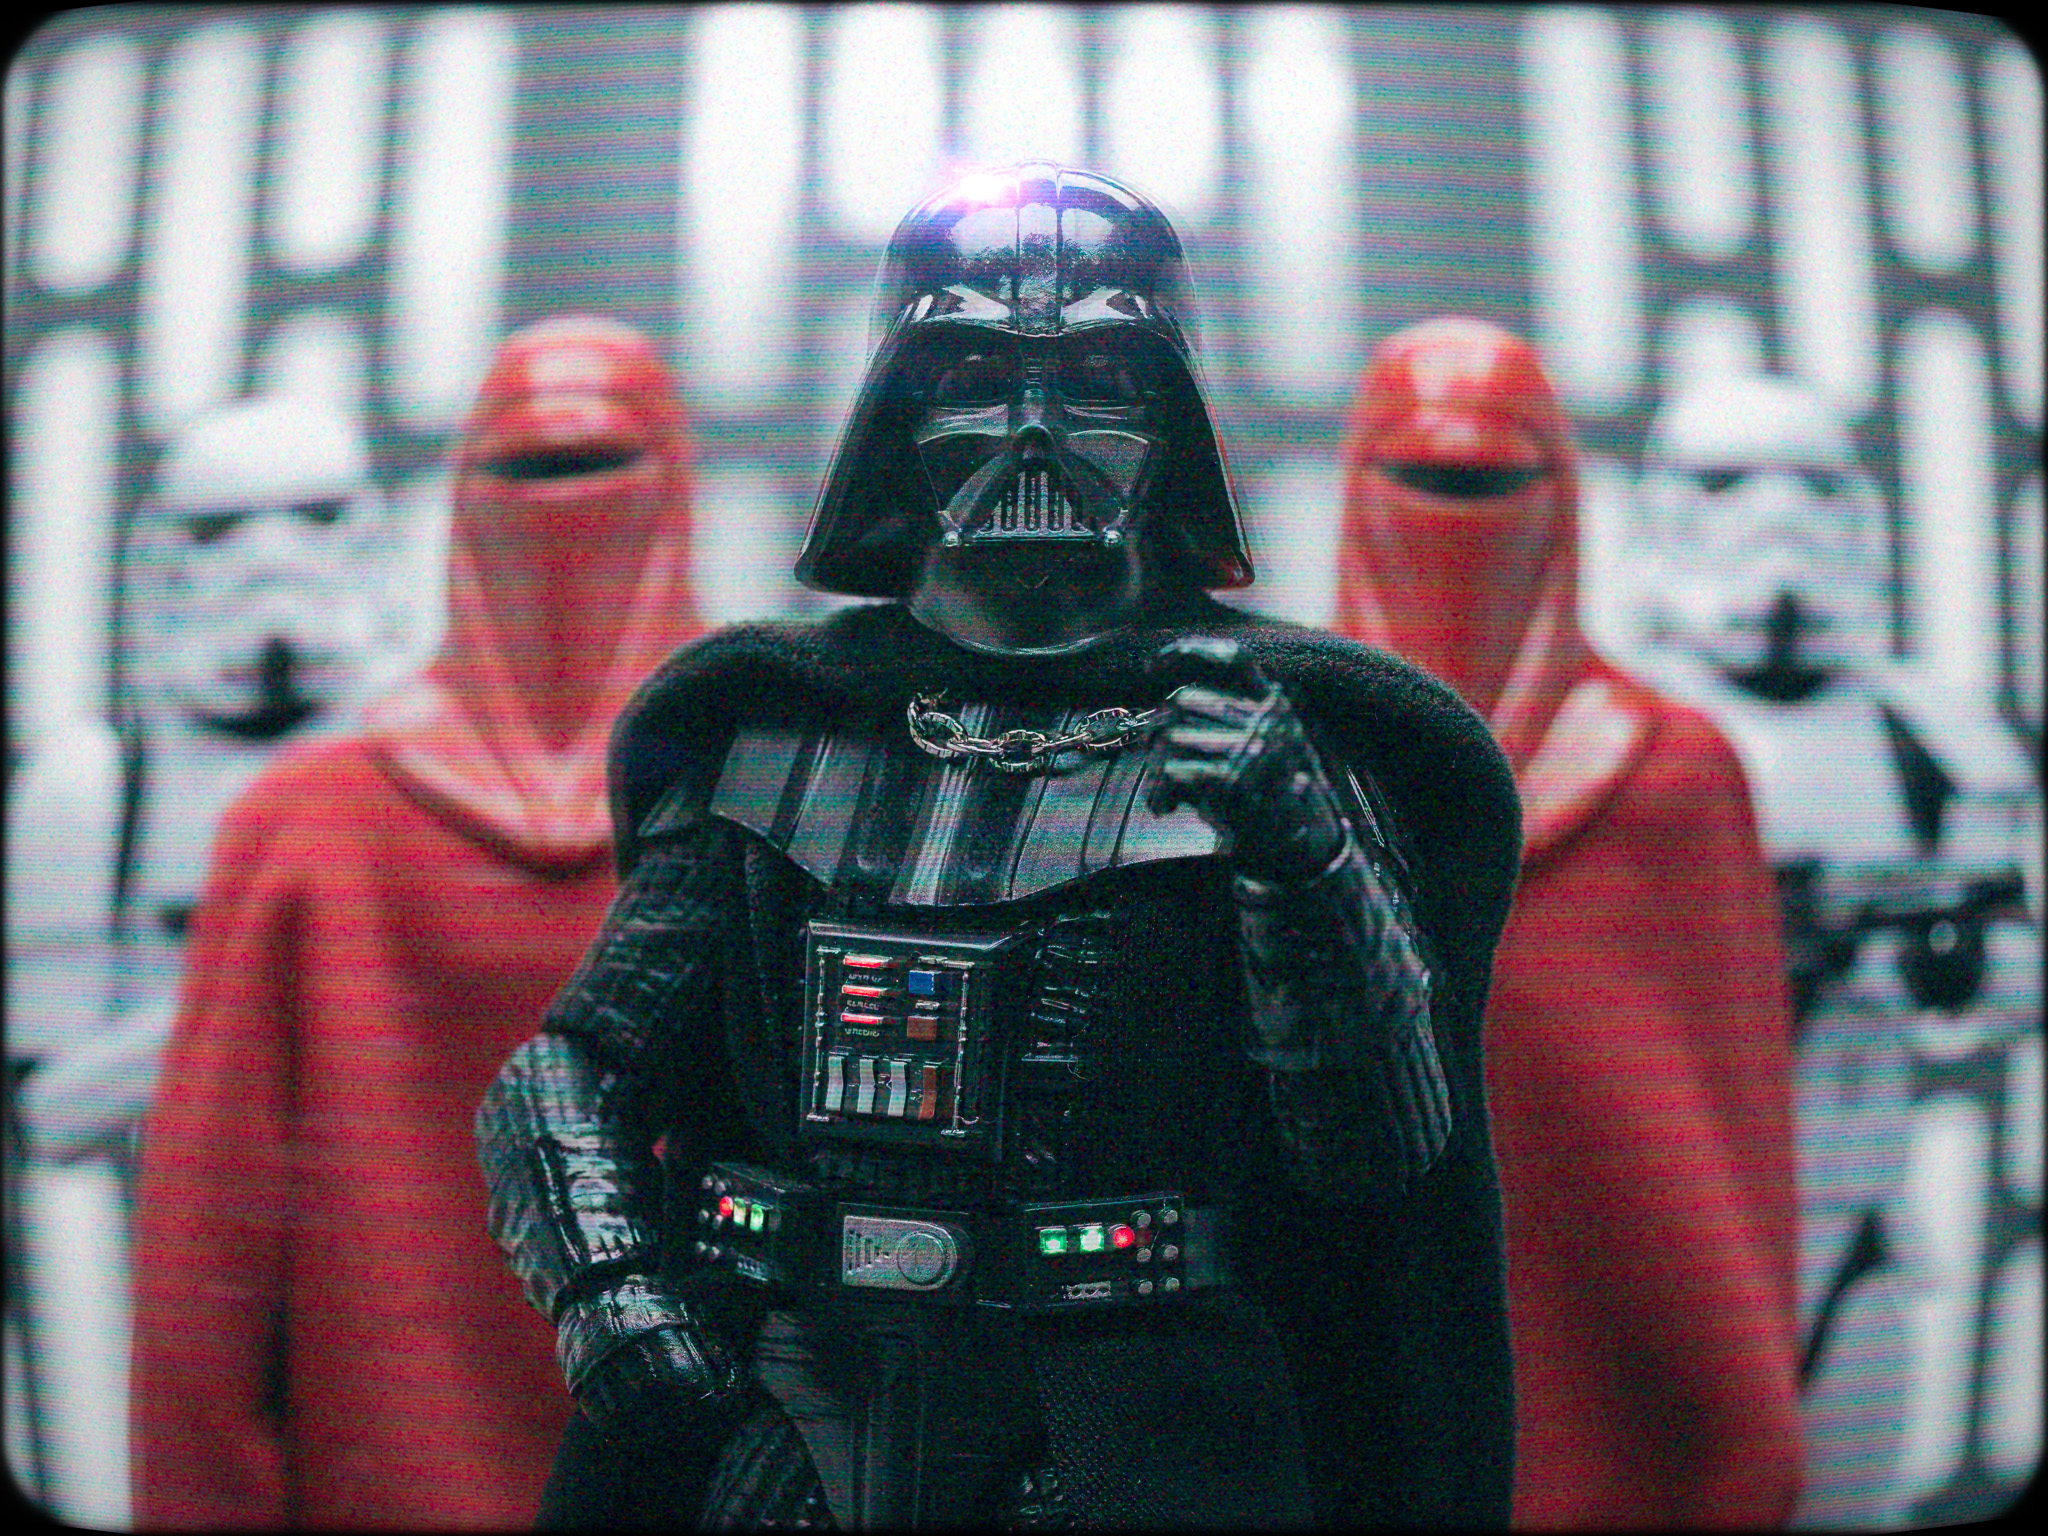 Darth Vader toy